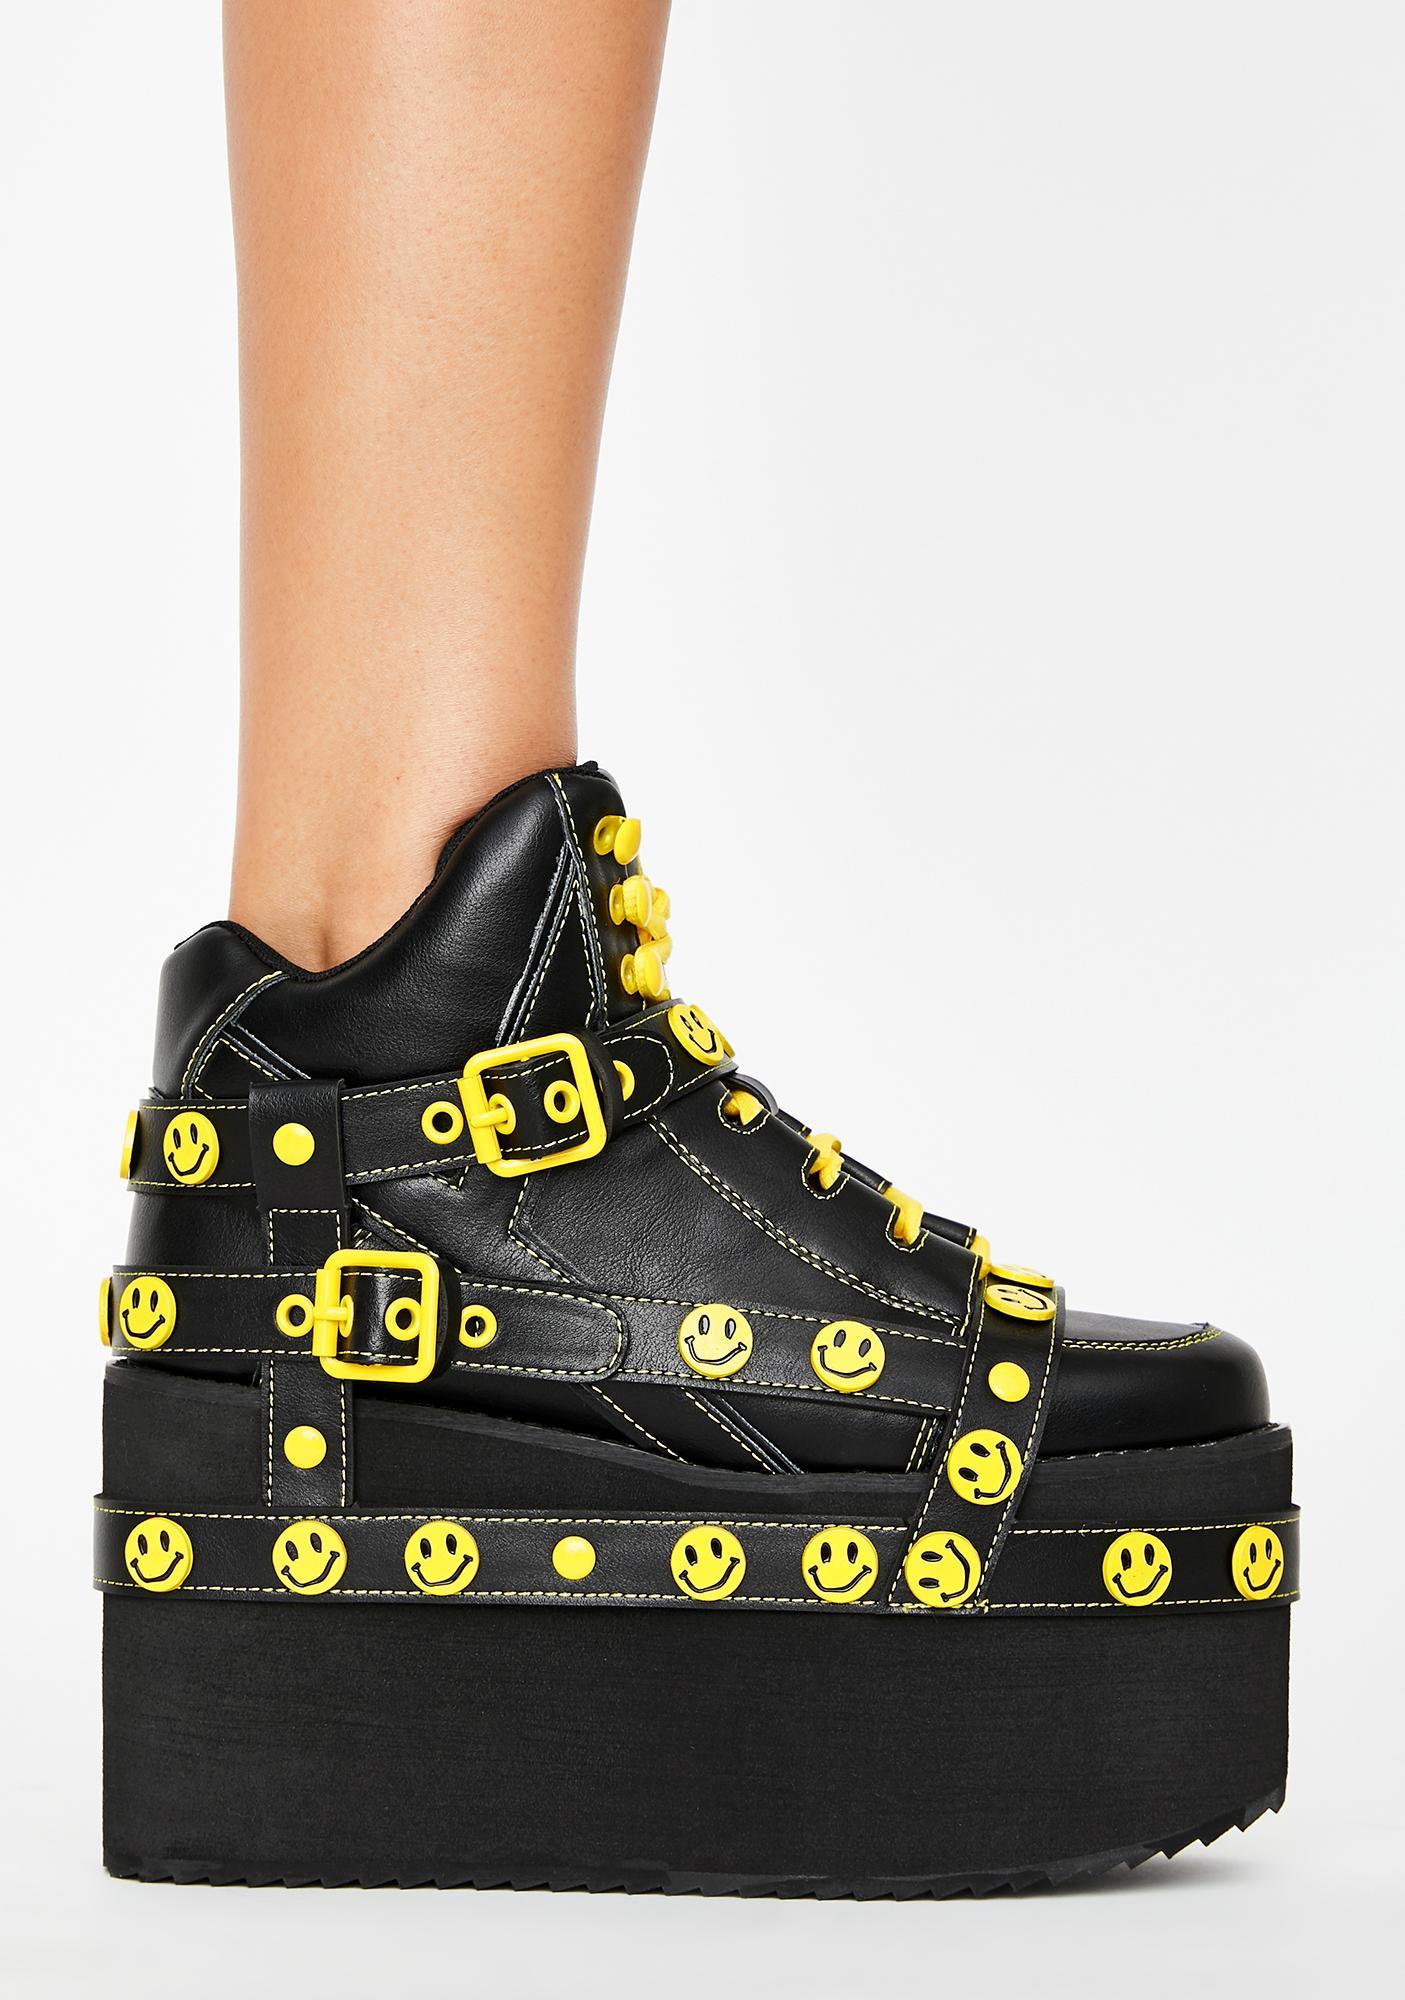 Y.R.U. Smiley Qozmo Bondage Platform Sneakers